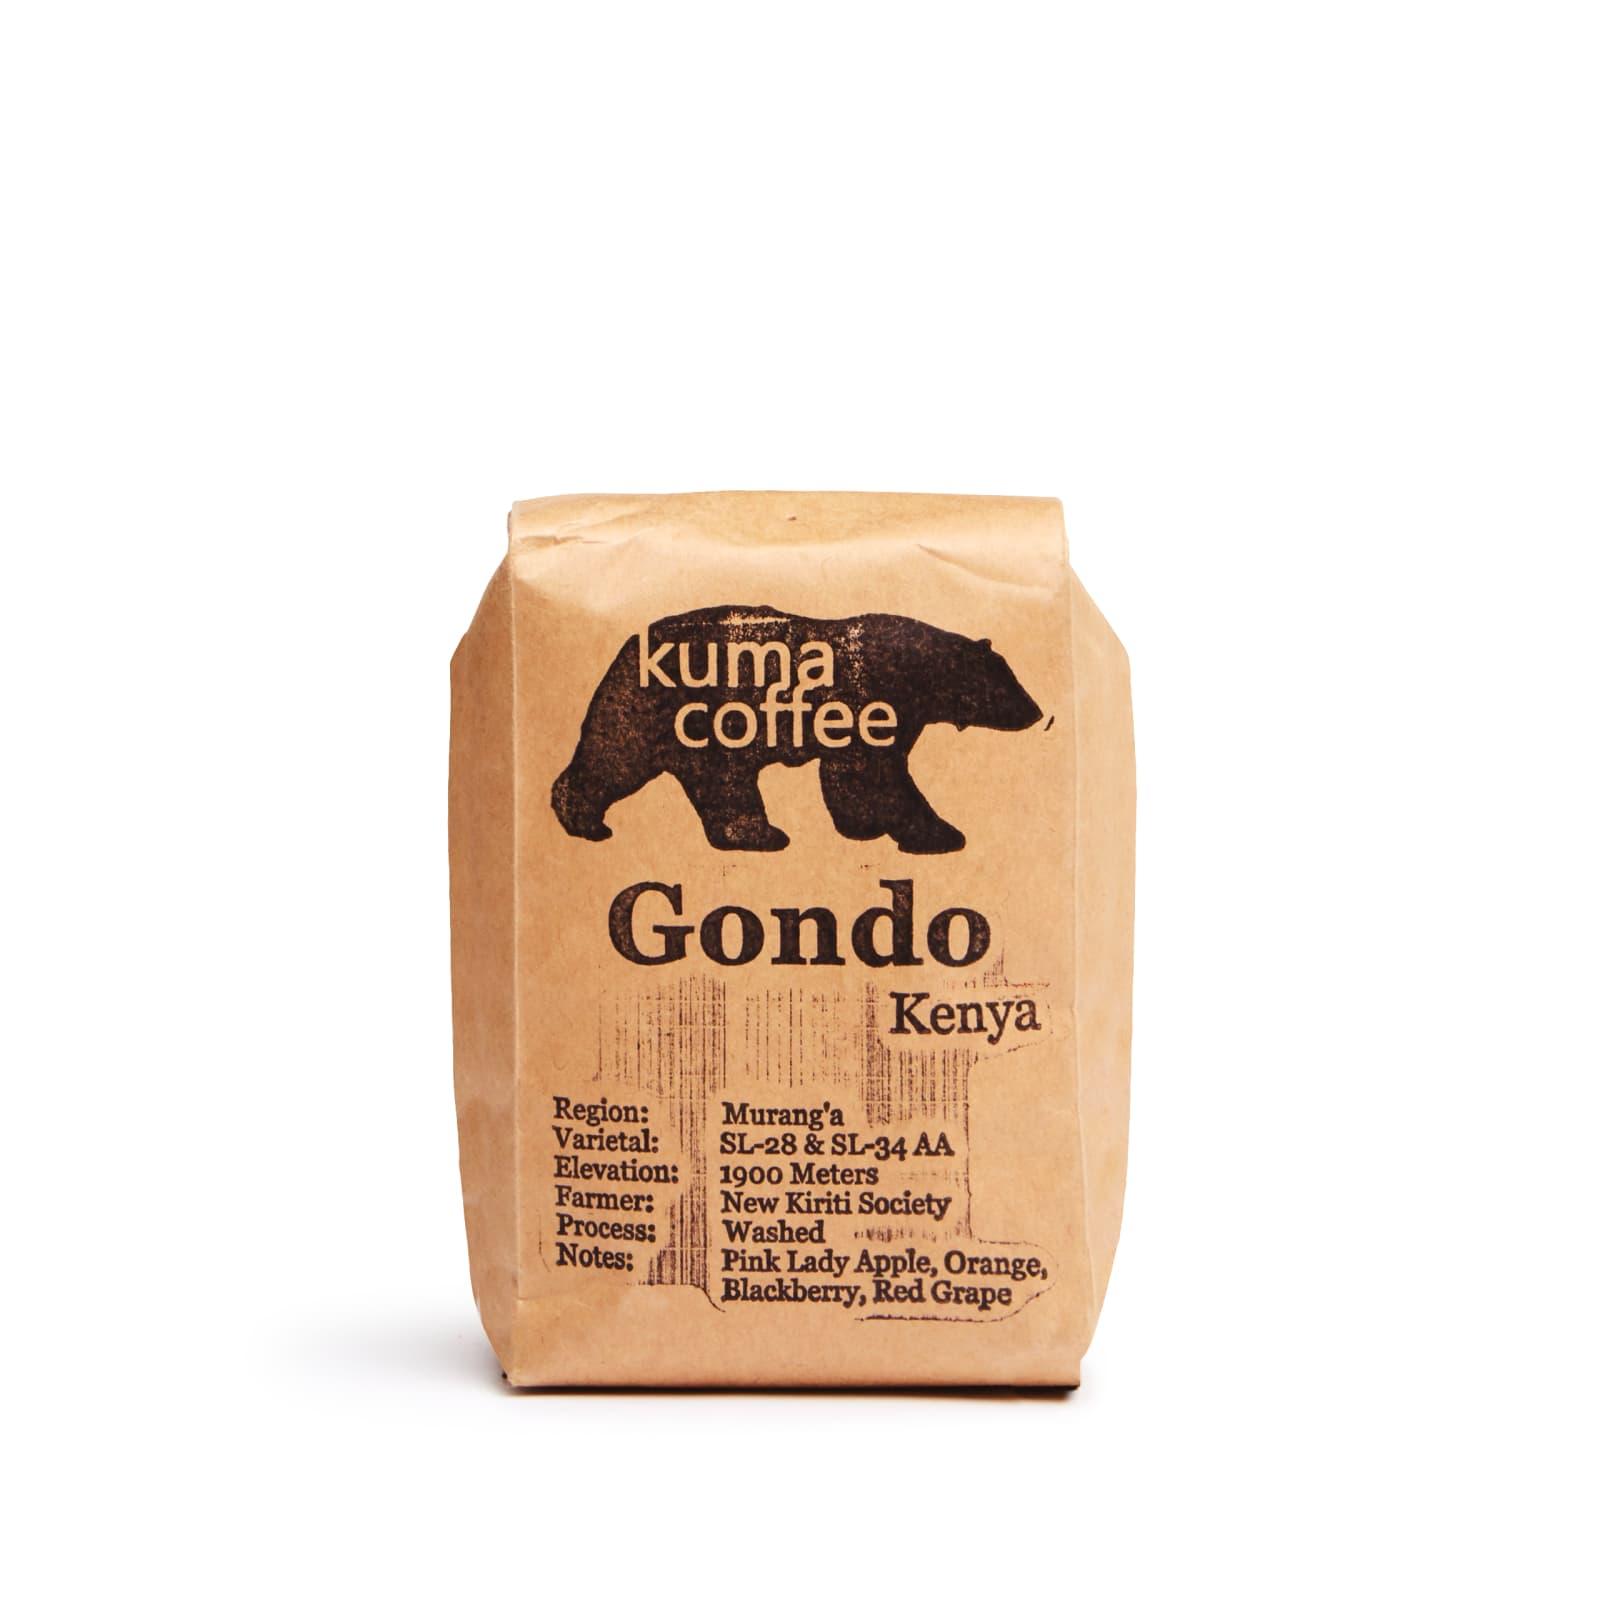 Kenya Gondo